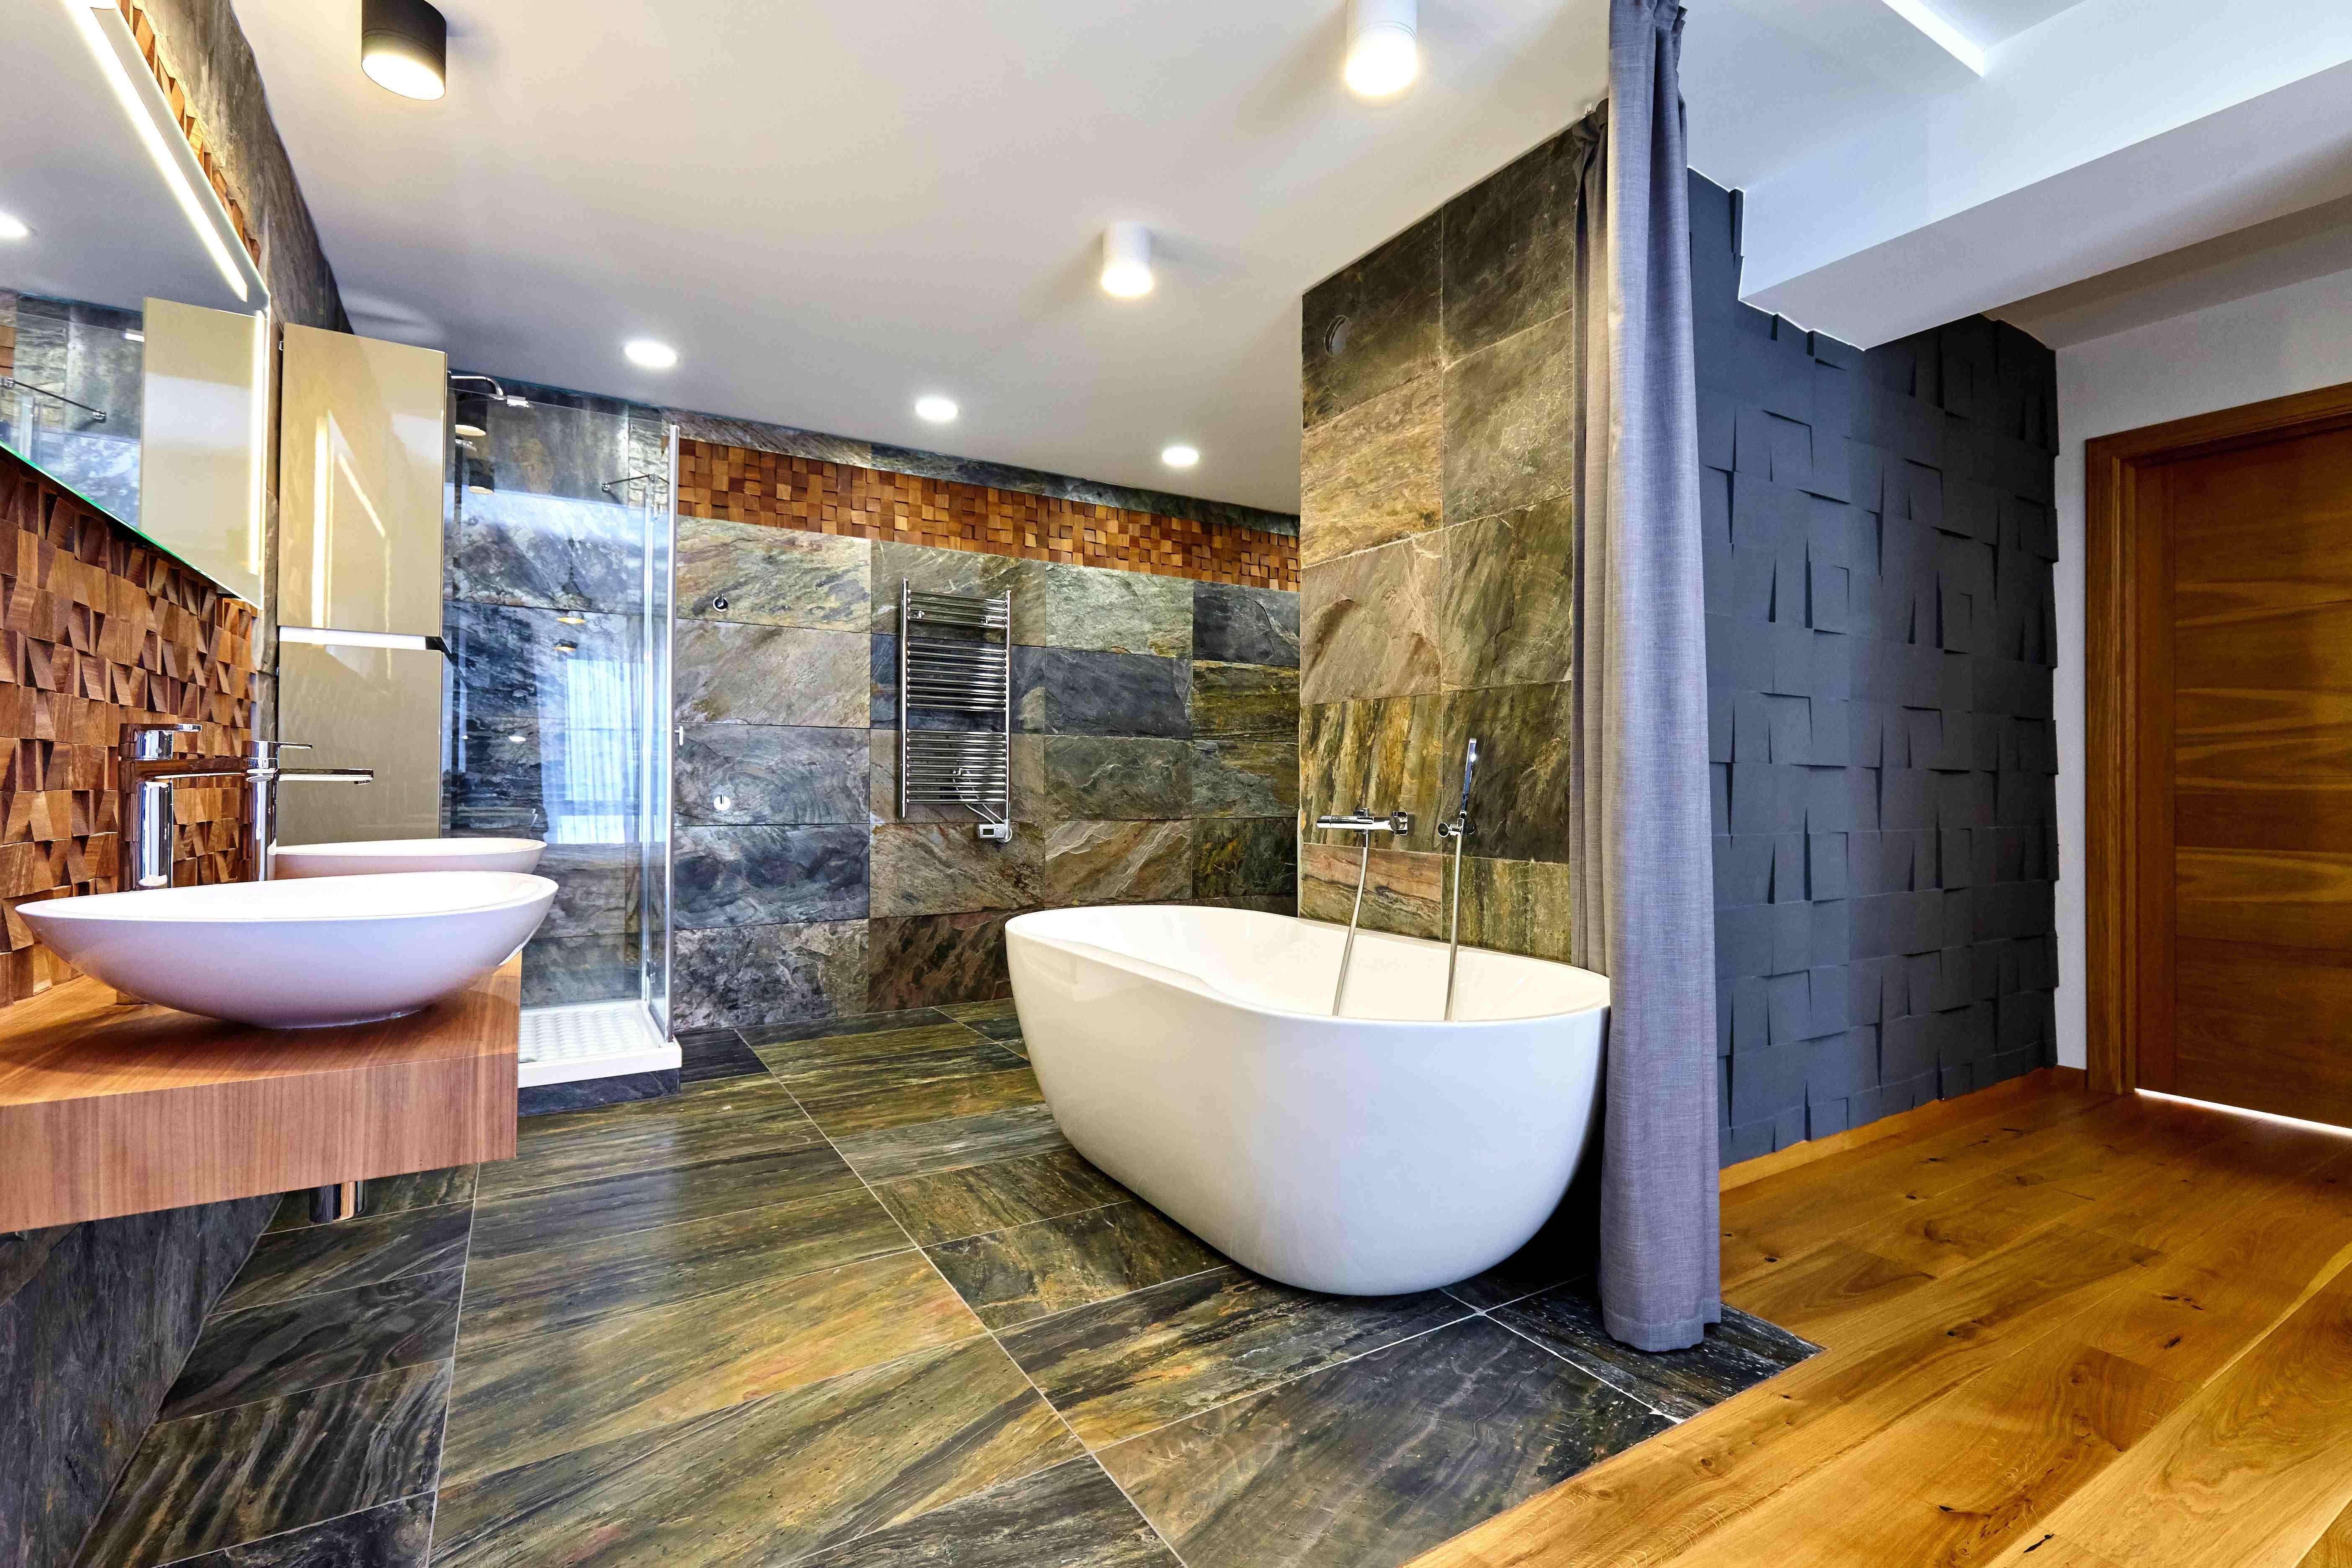 Quel revêtement mural choisir  pour la salle de bains